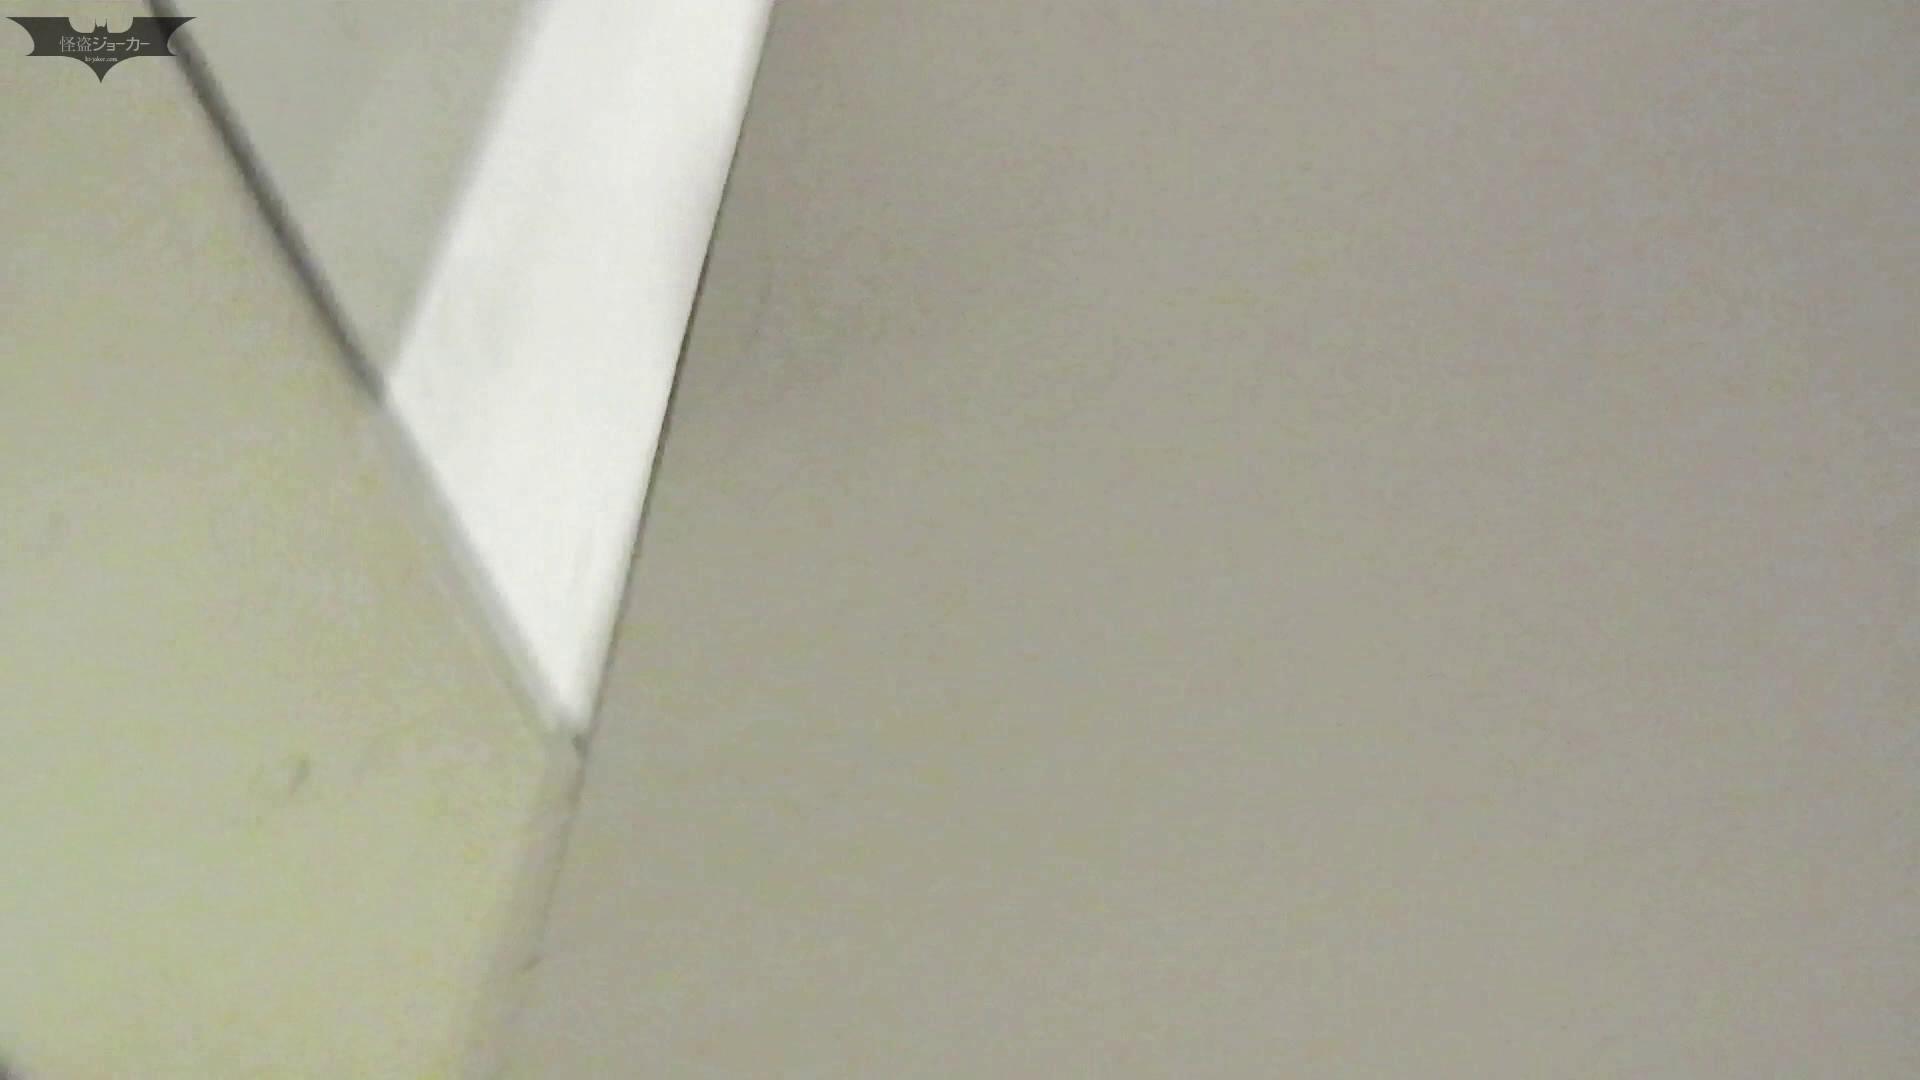 新世界の射窓 No64日本ギャル登場か?ハイヒール大特集! 高画質 AV無料動画キャプチャ 86画像 11